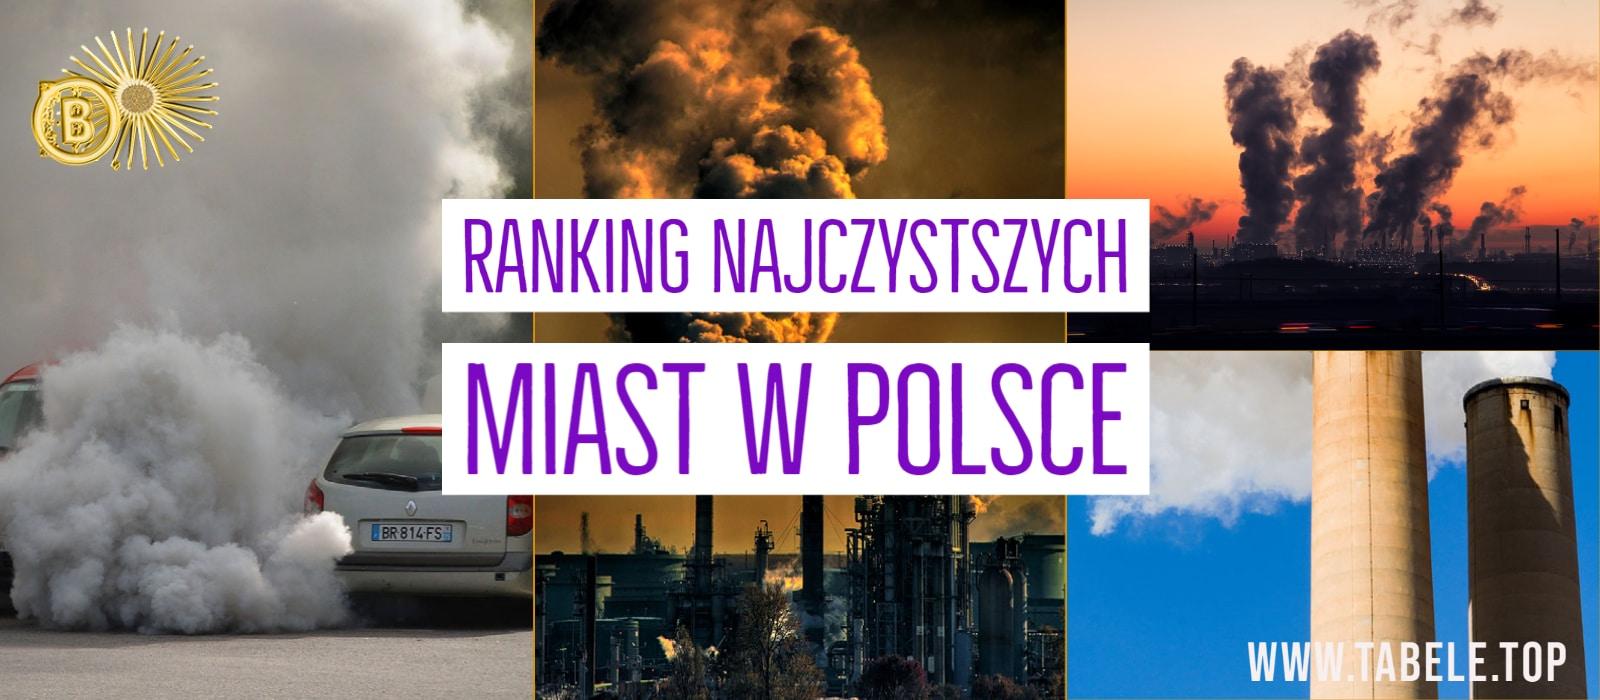 Ranking najczystszych miast w Polsce